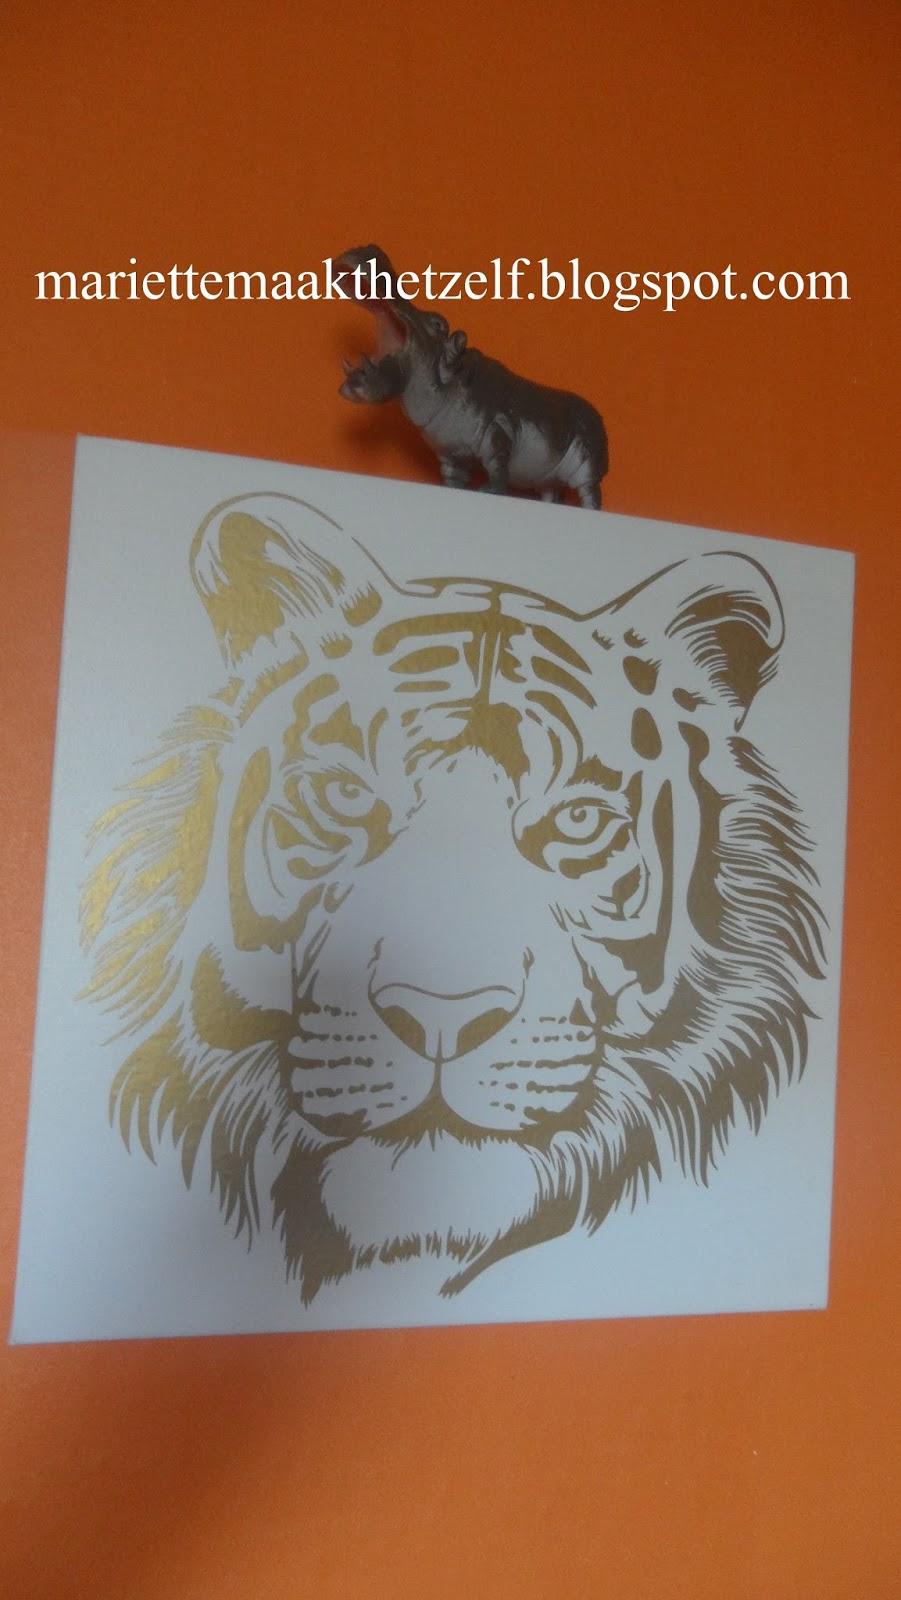 Mariette maakt het zelf deco voor de safari kamer - Deco kamer jongen jaar ...